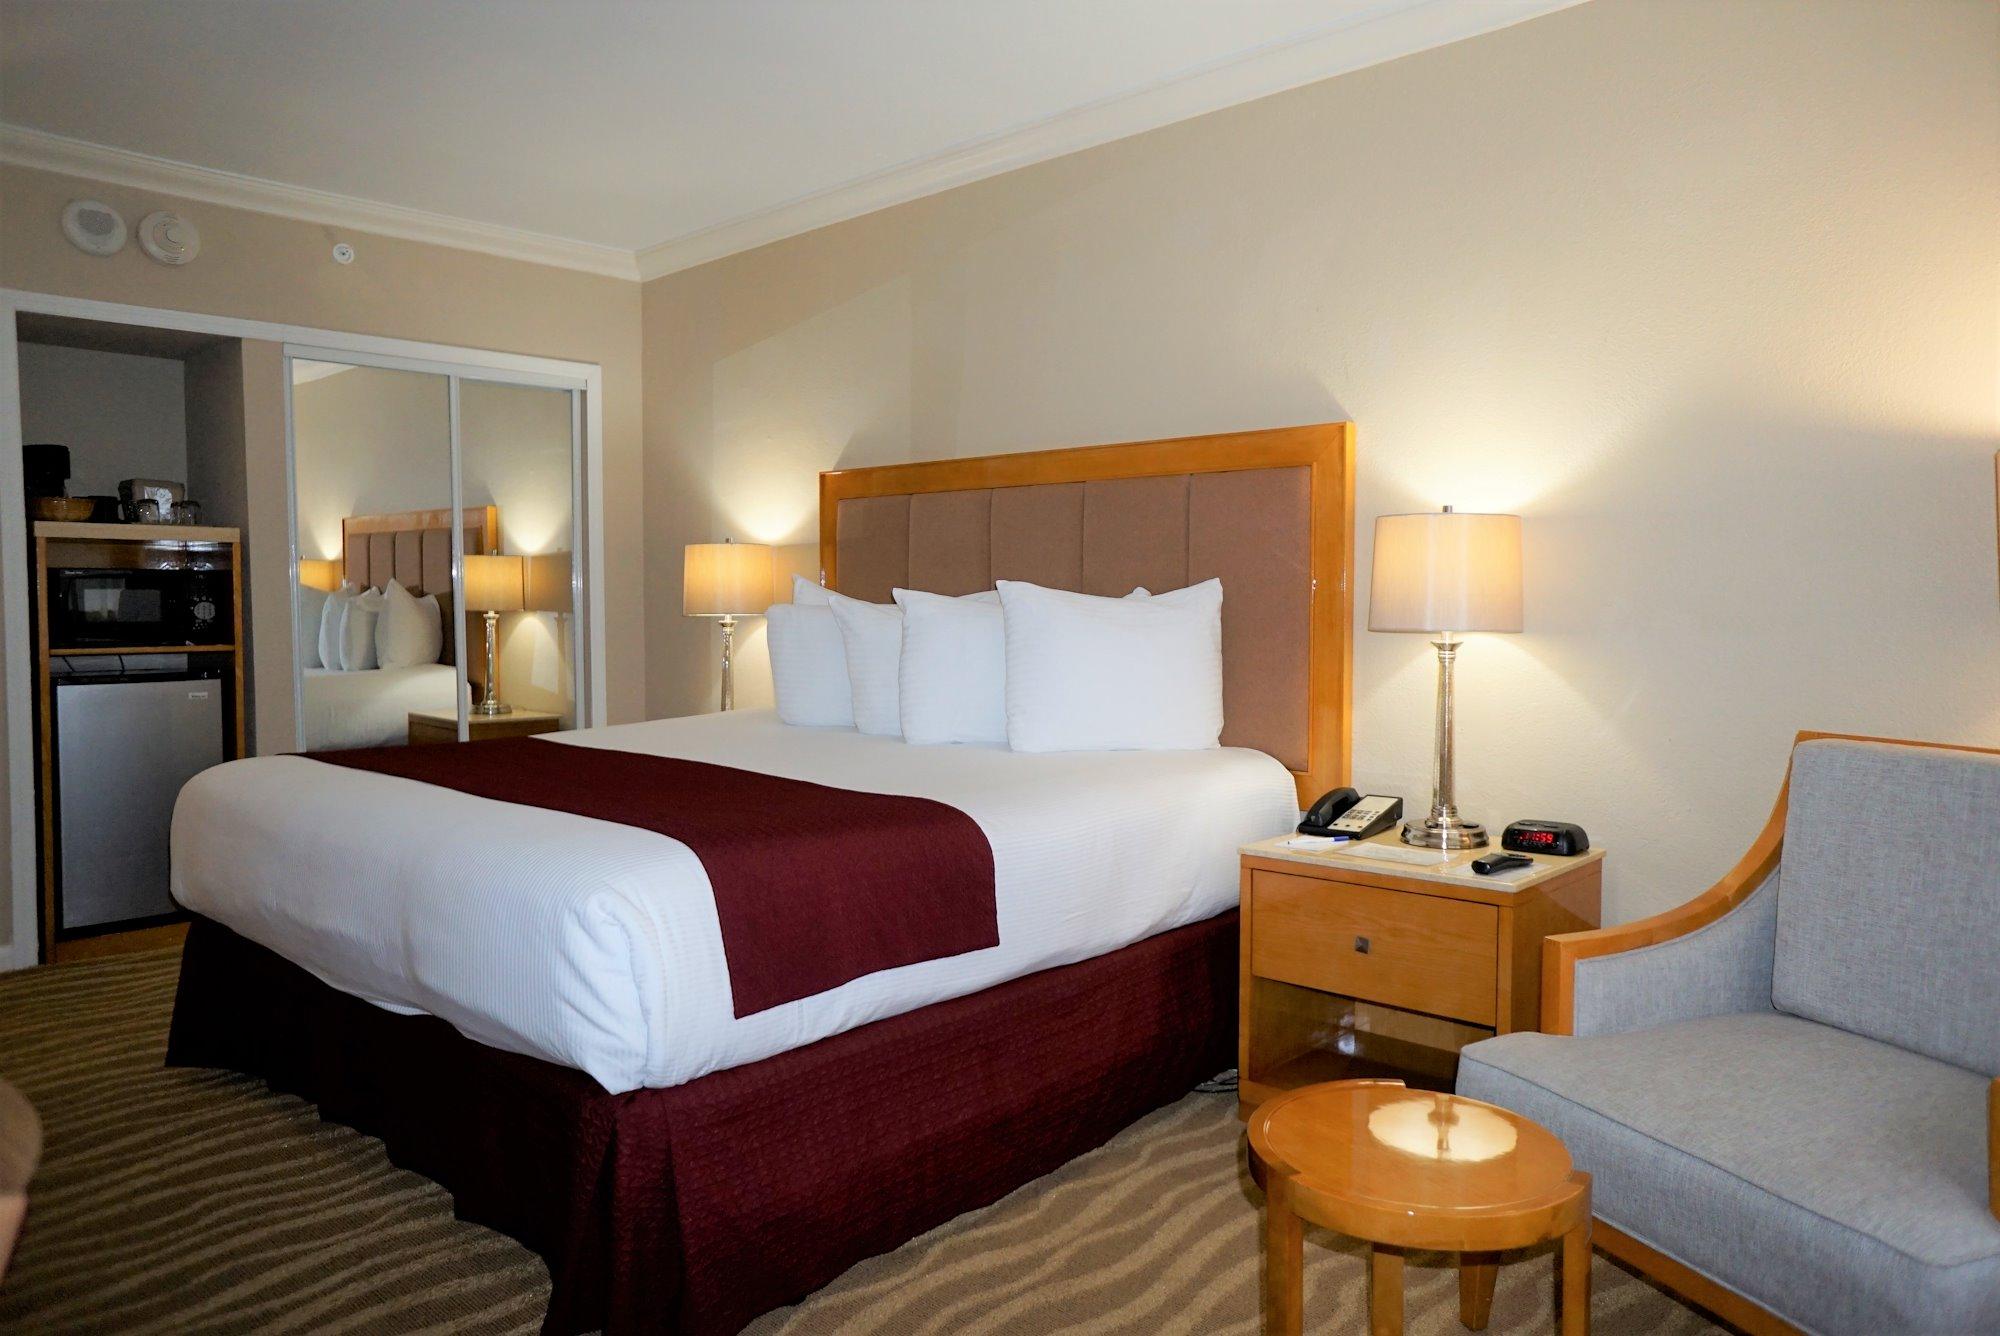 Ocean Sky Hotel - Standard King Room